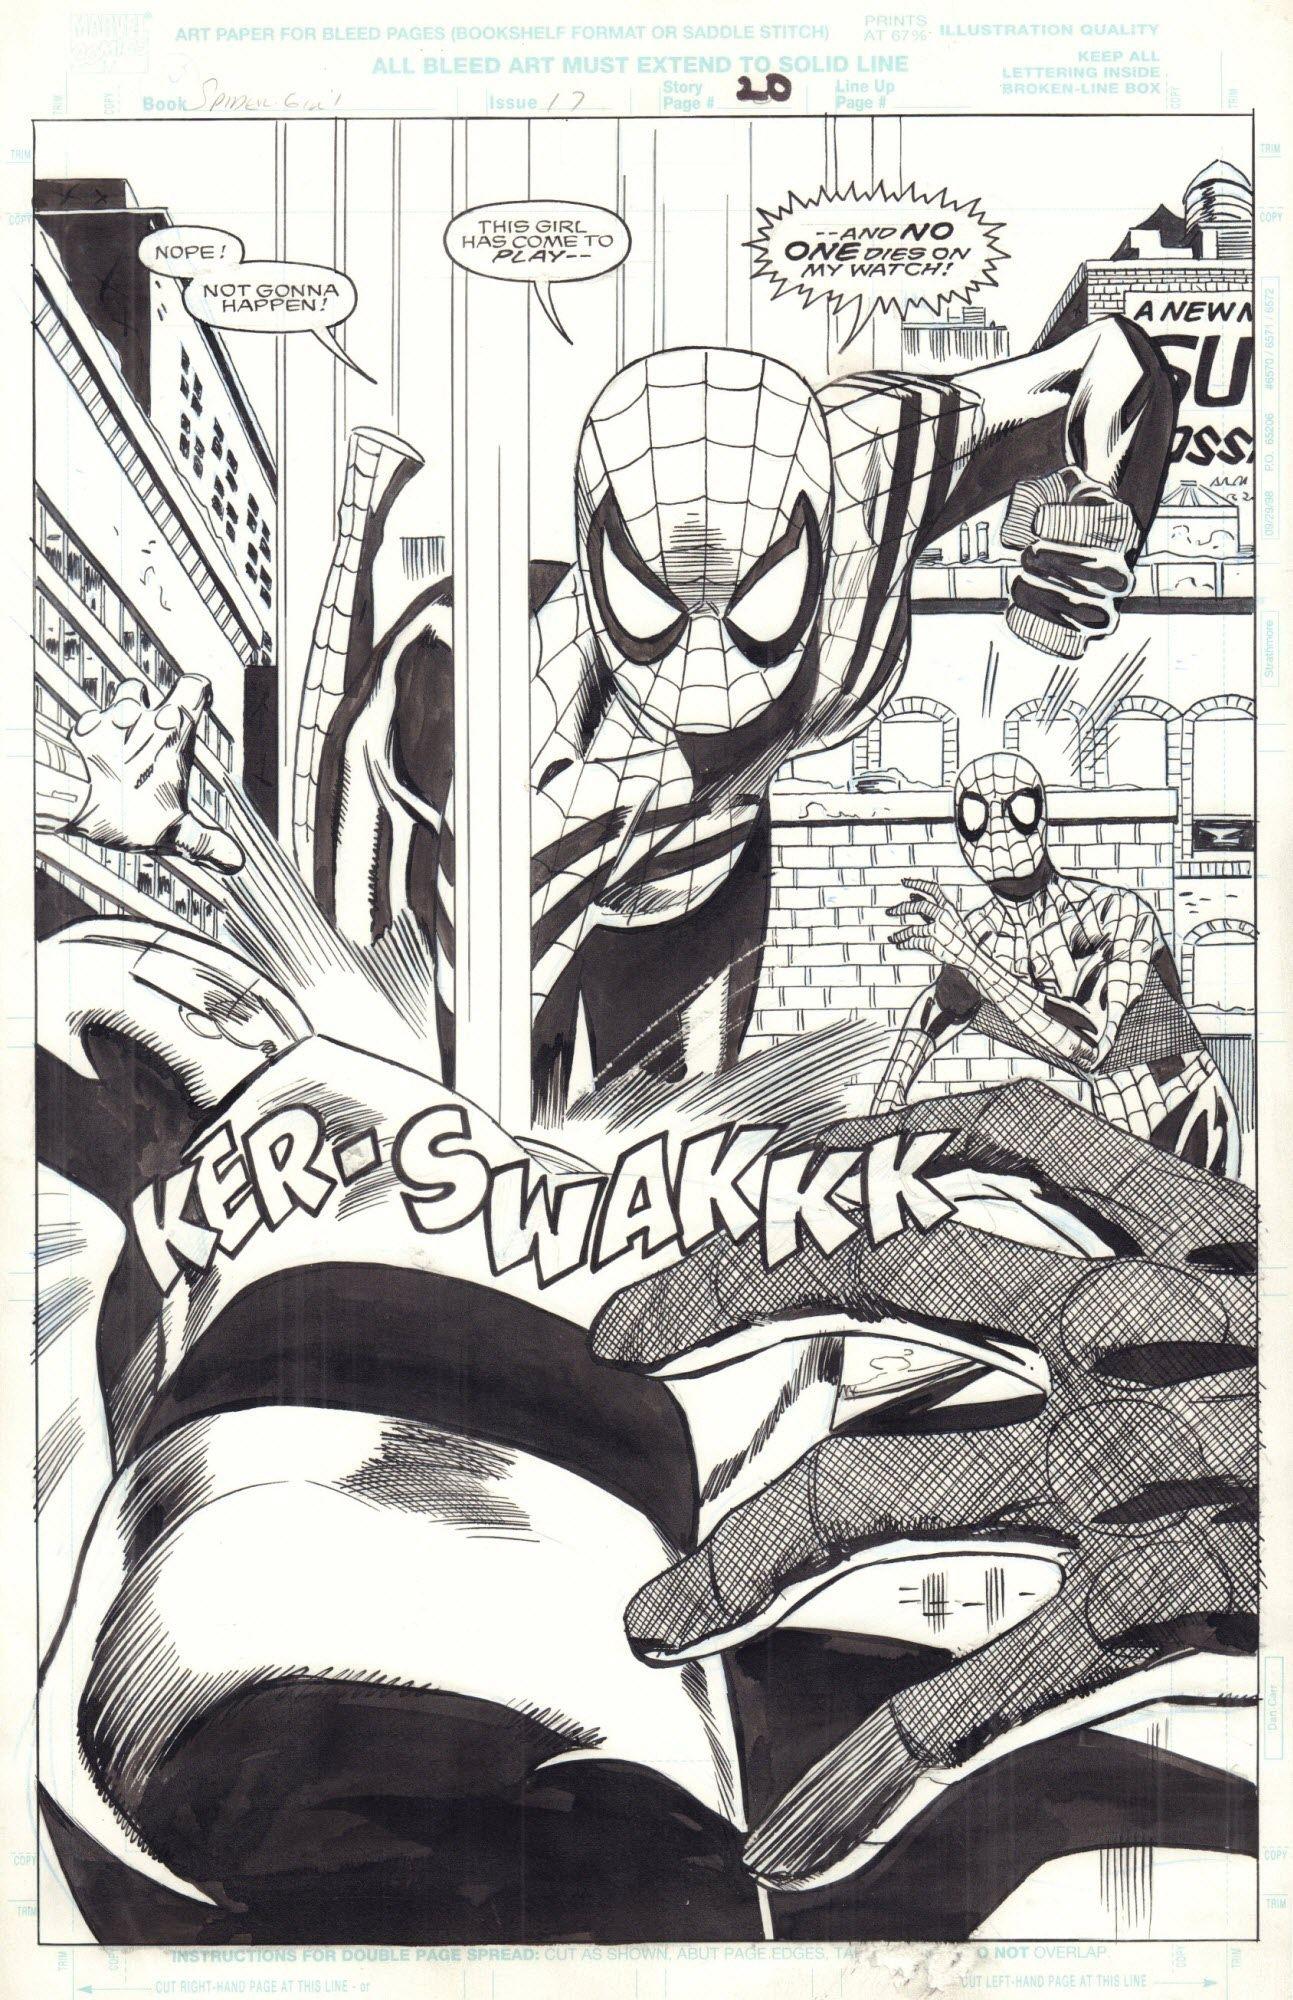 Spider-Girl #17 / 20